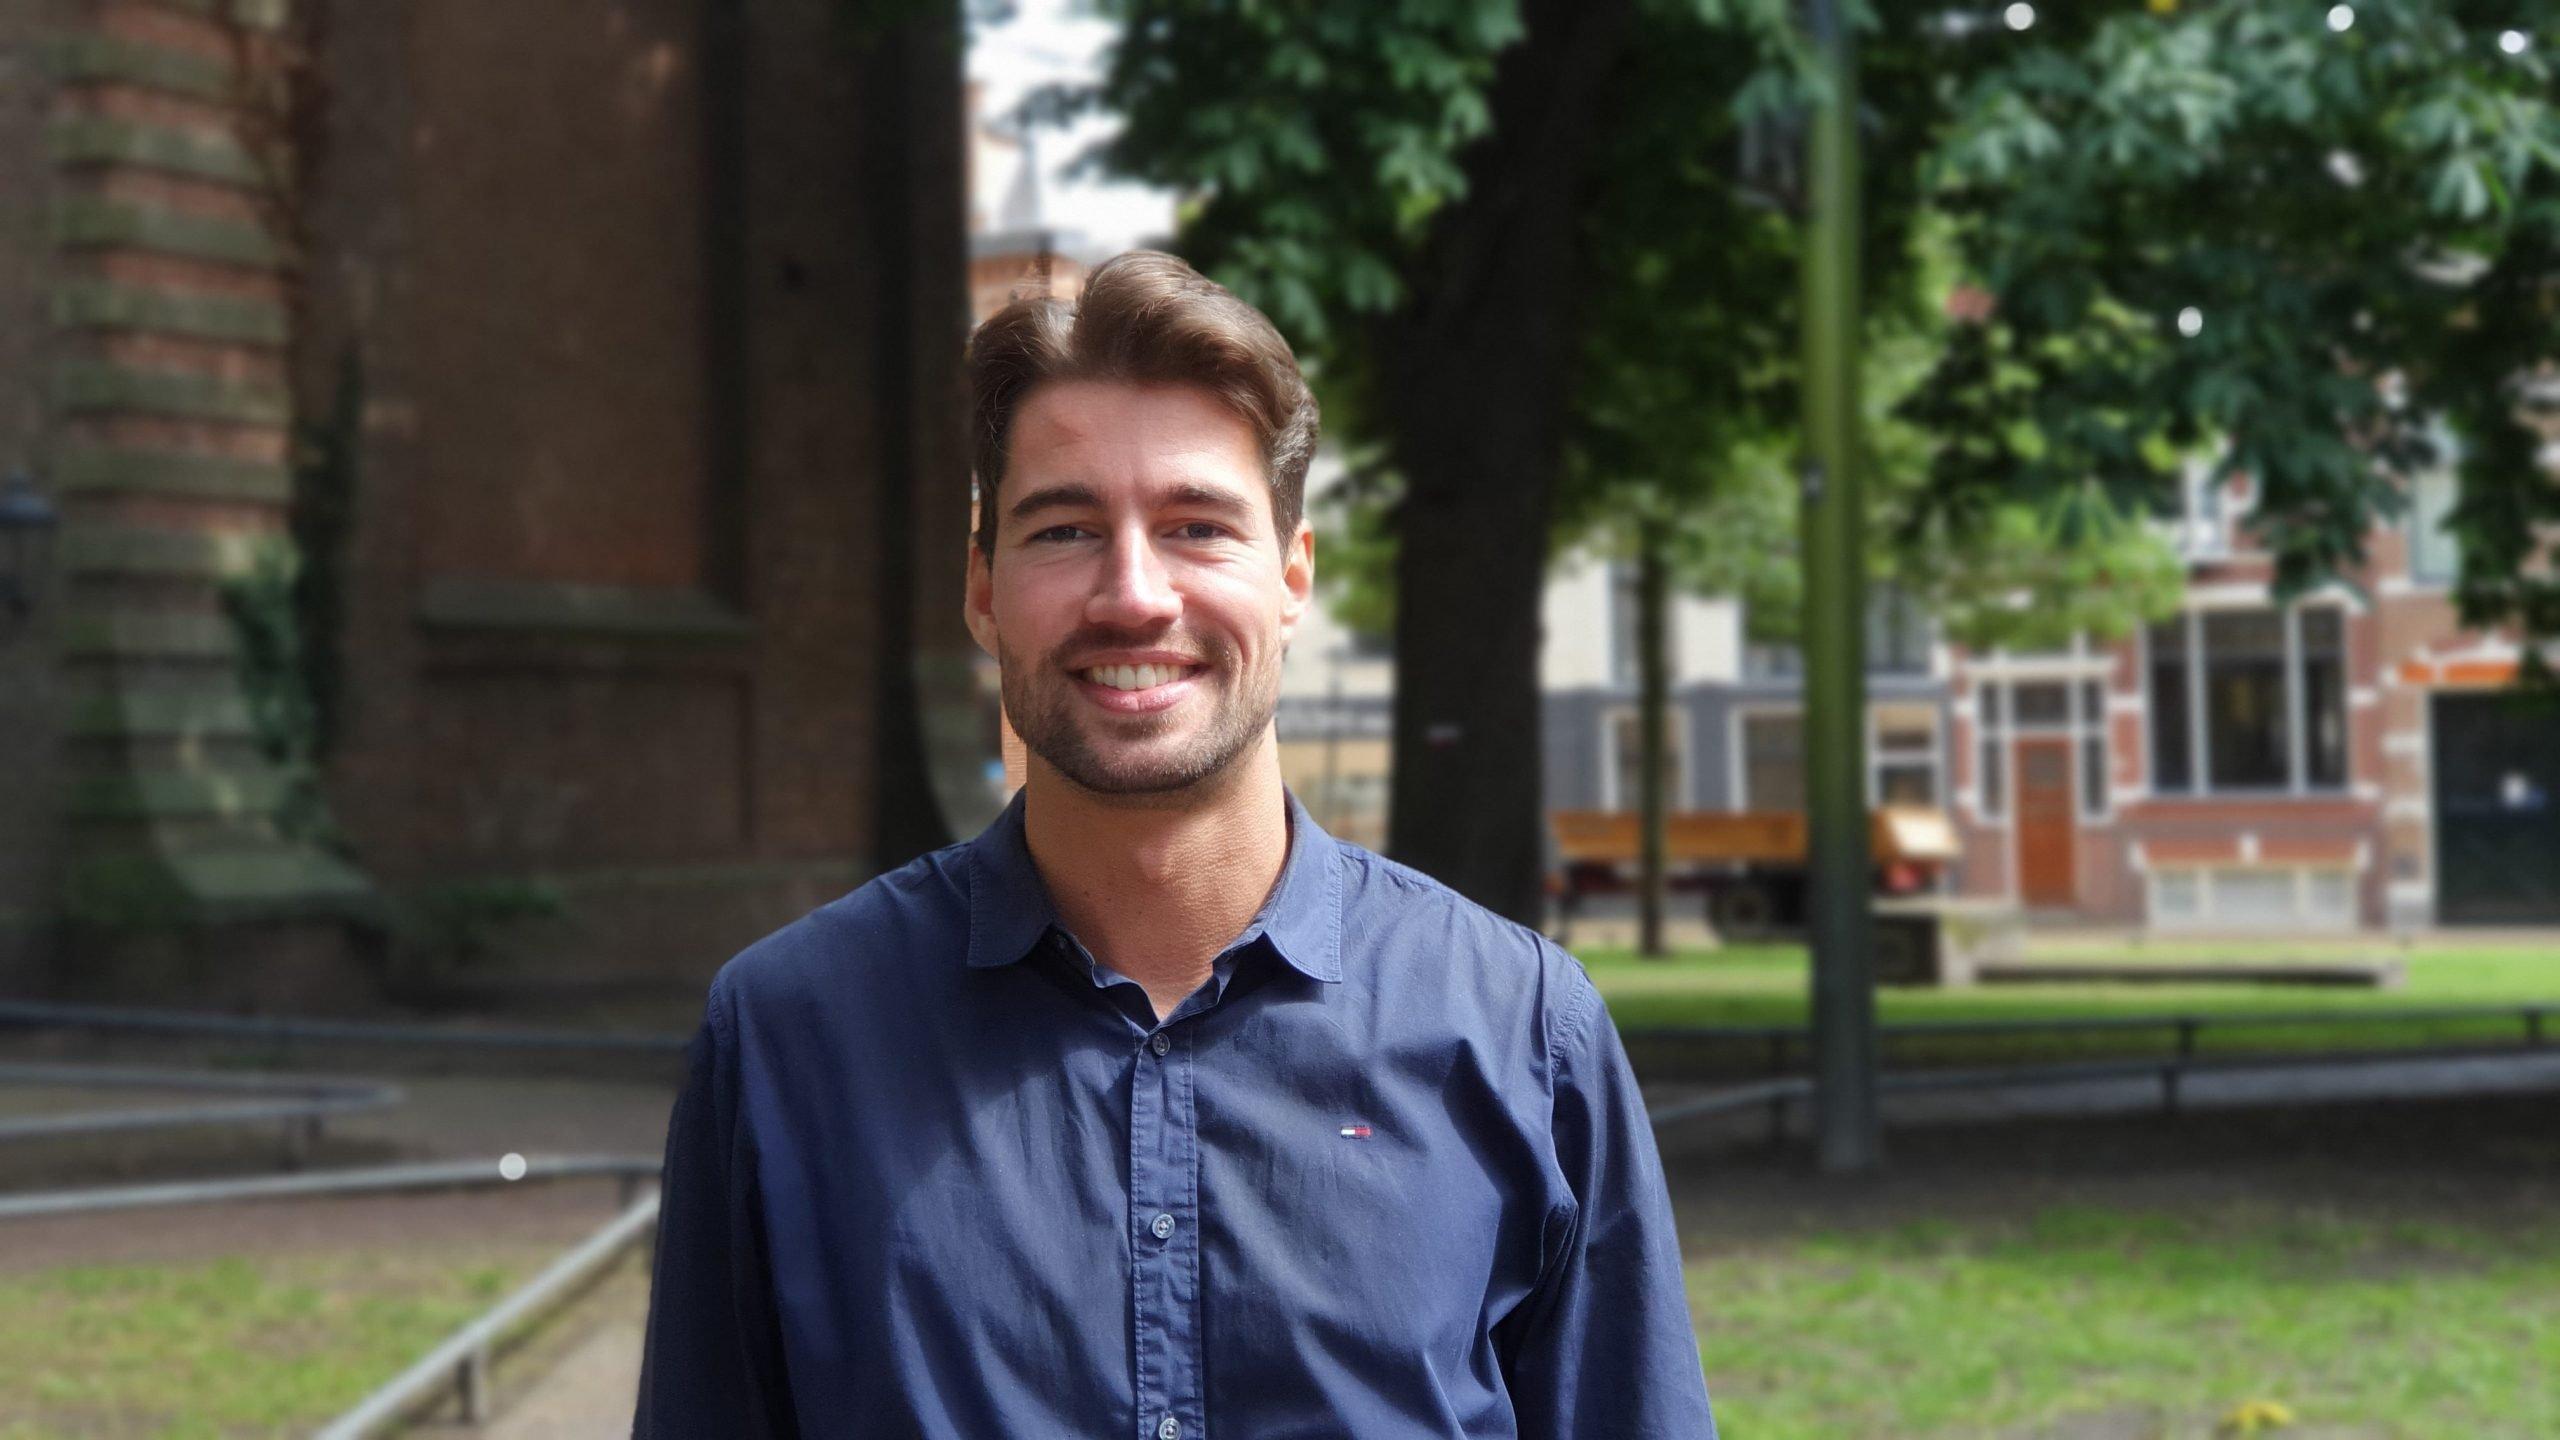 Bernd Mojet